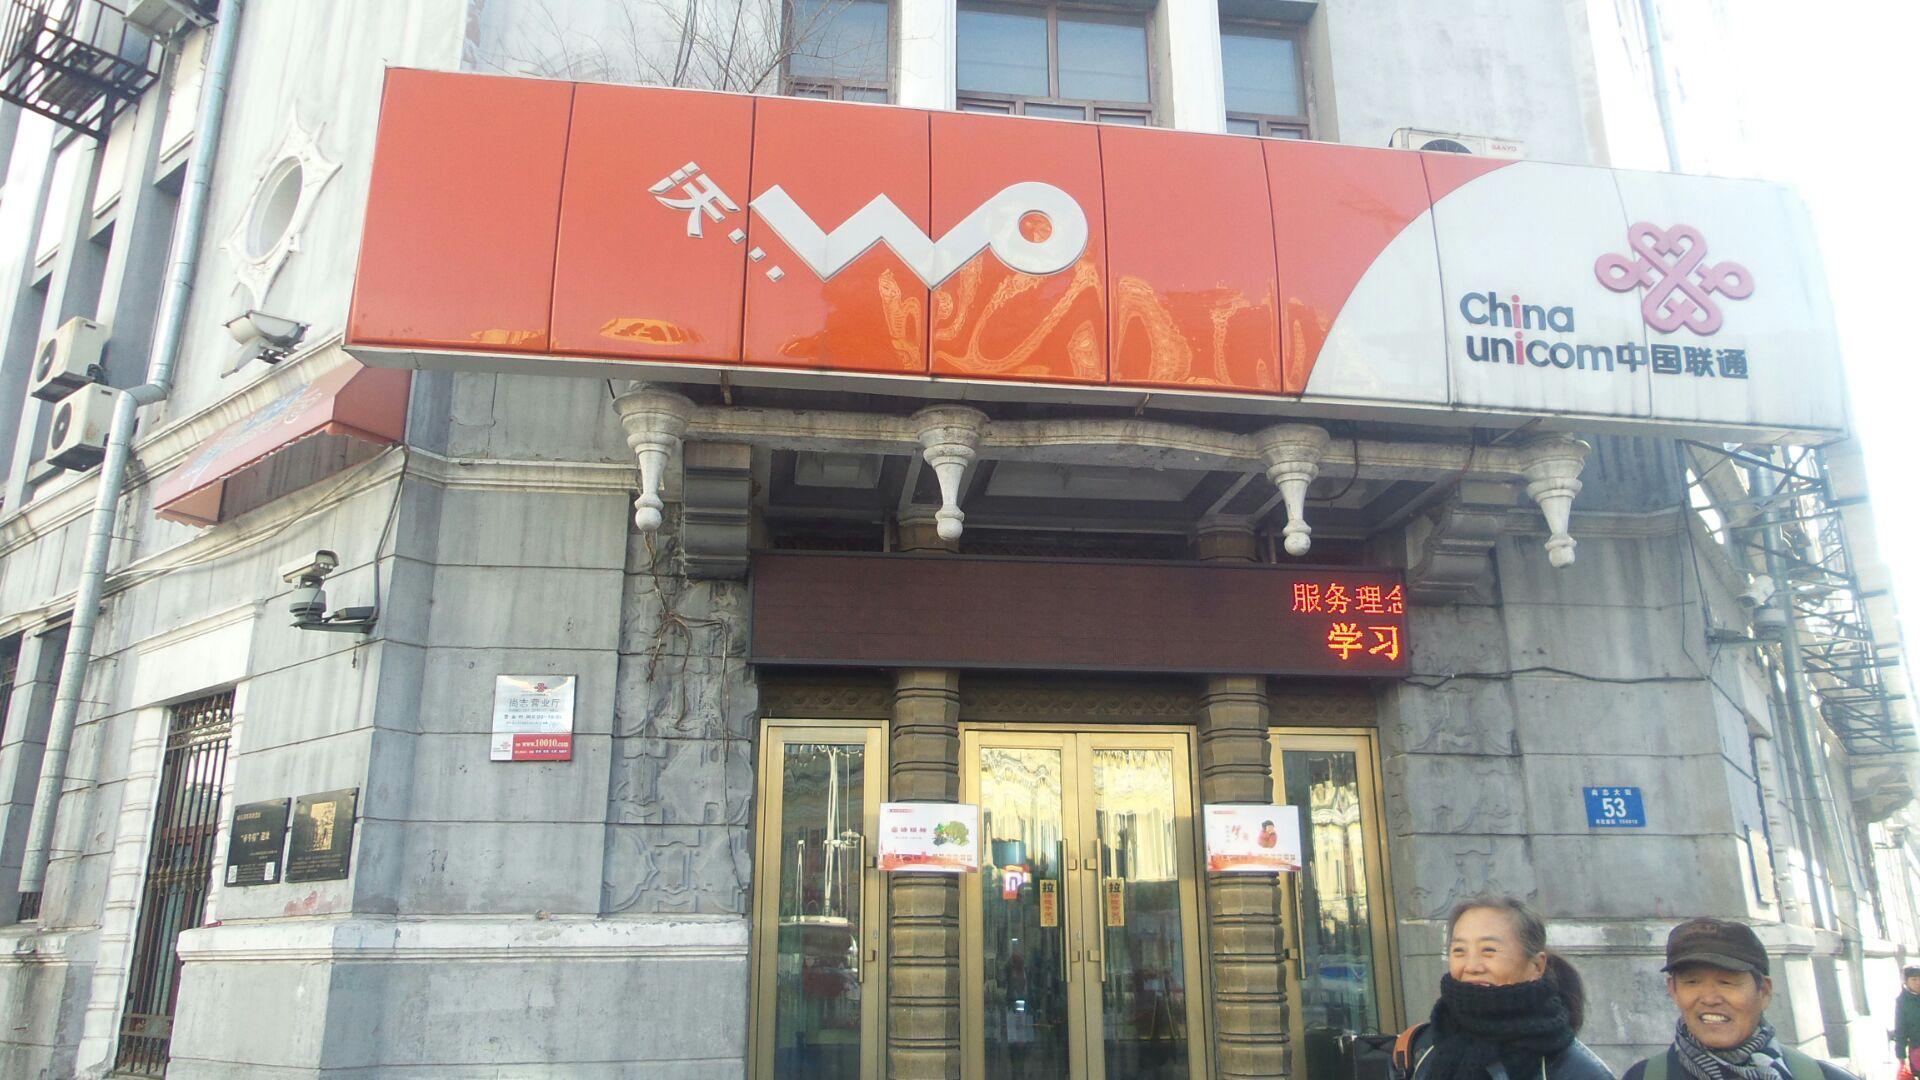 哈尔滨市中国人寿电话 哈尔滨人寿保险公司地址电话 全...